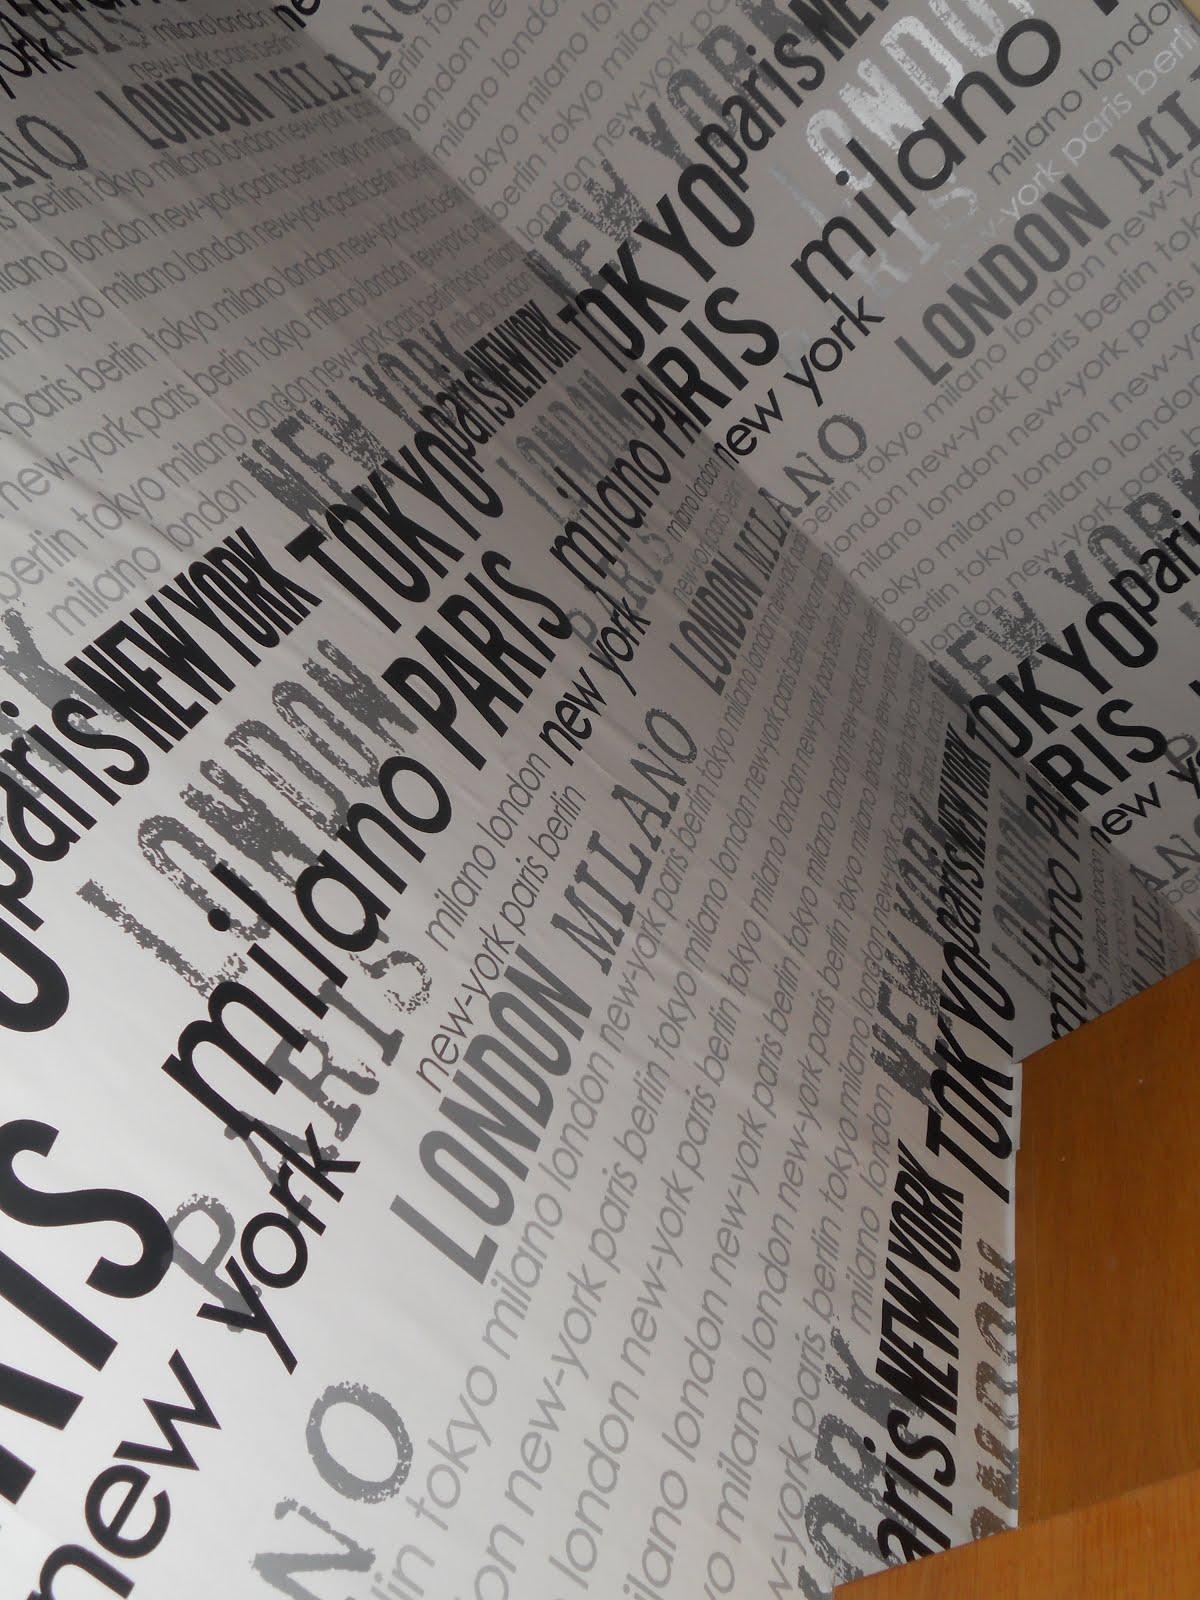 Dmodaydtendencia papel pintado para interiores - Papel pintado armario ...